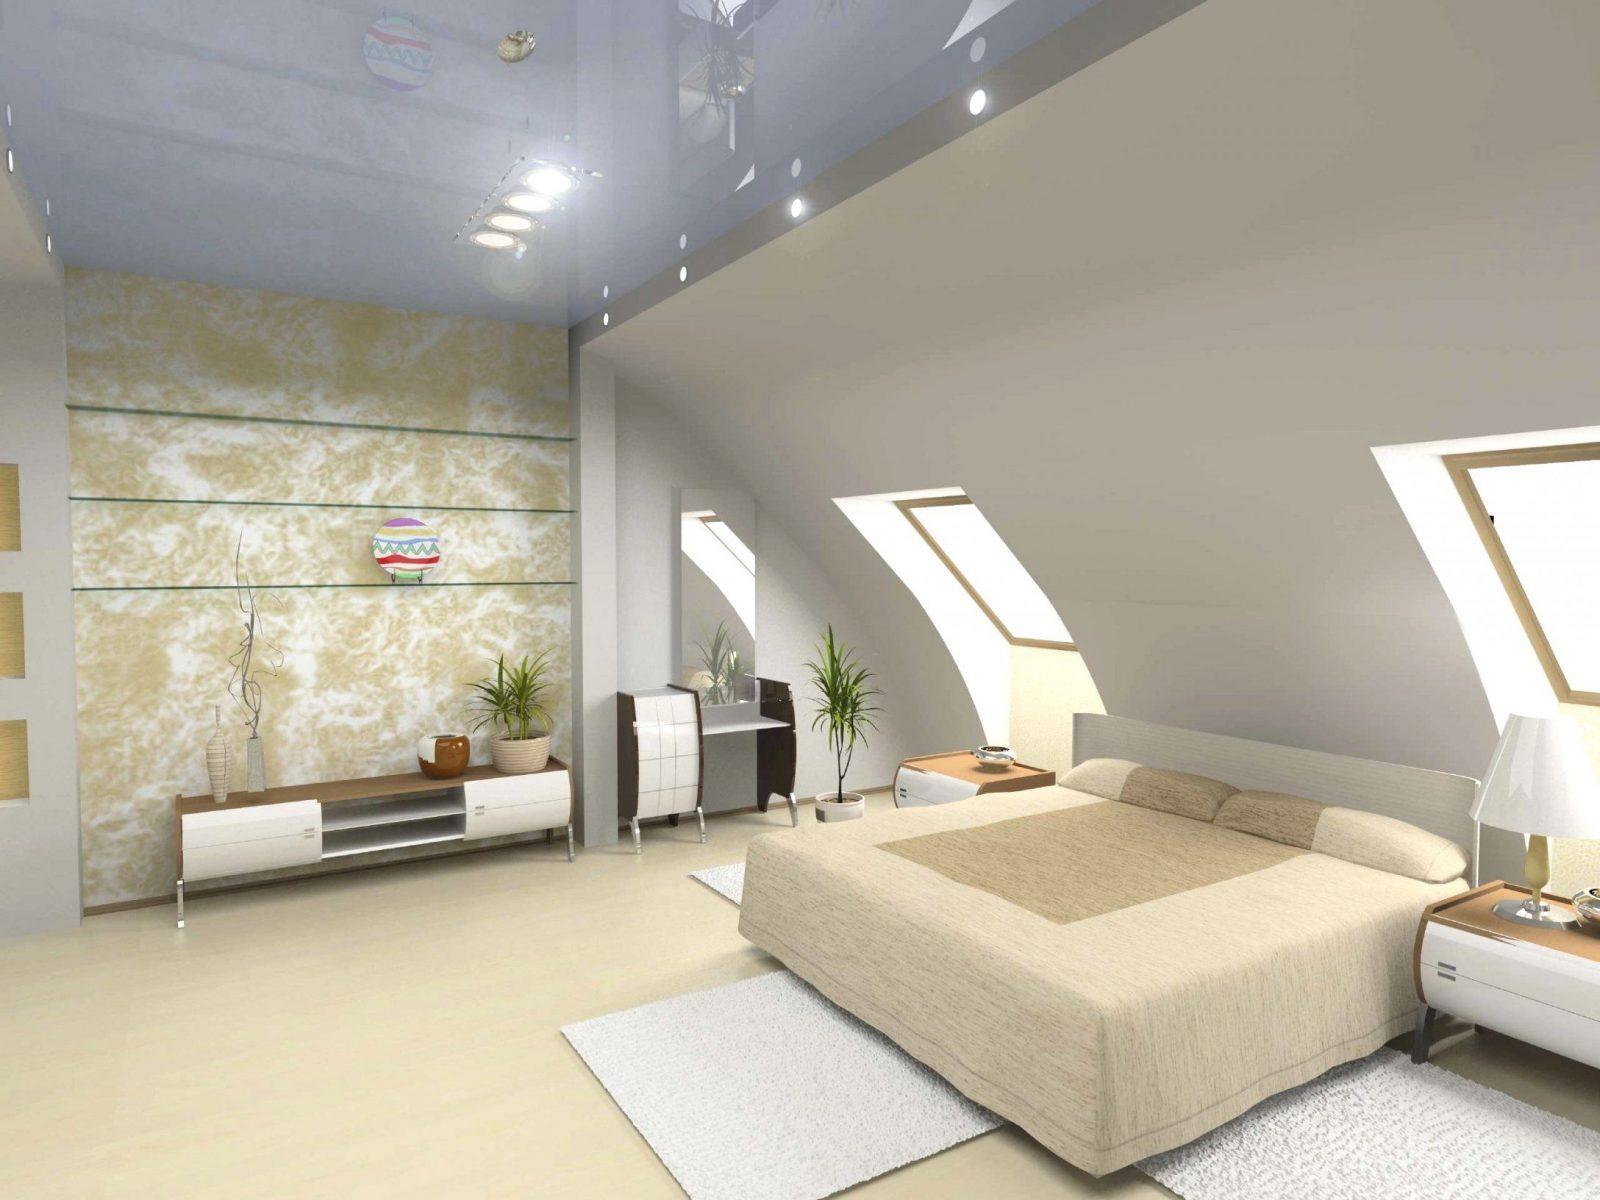 Fein Deko Ideen Für Dachschrägen Tapete Schlafzimmer Schräge Zum von Deko Für Schräge Wände Photo